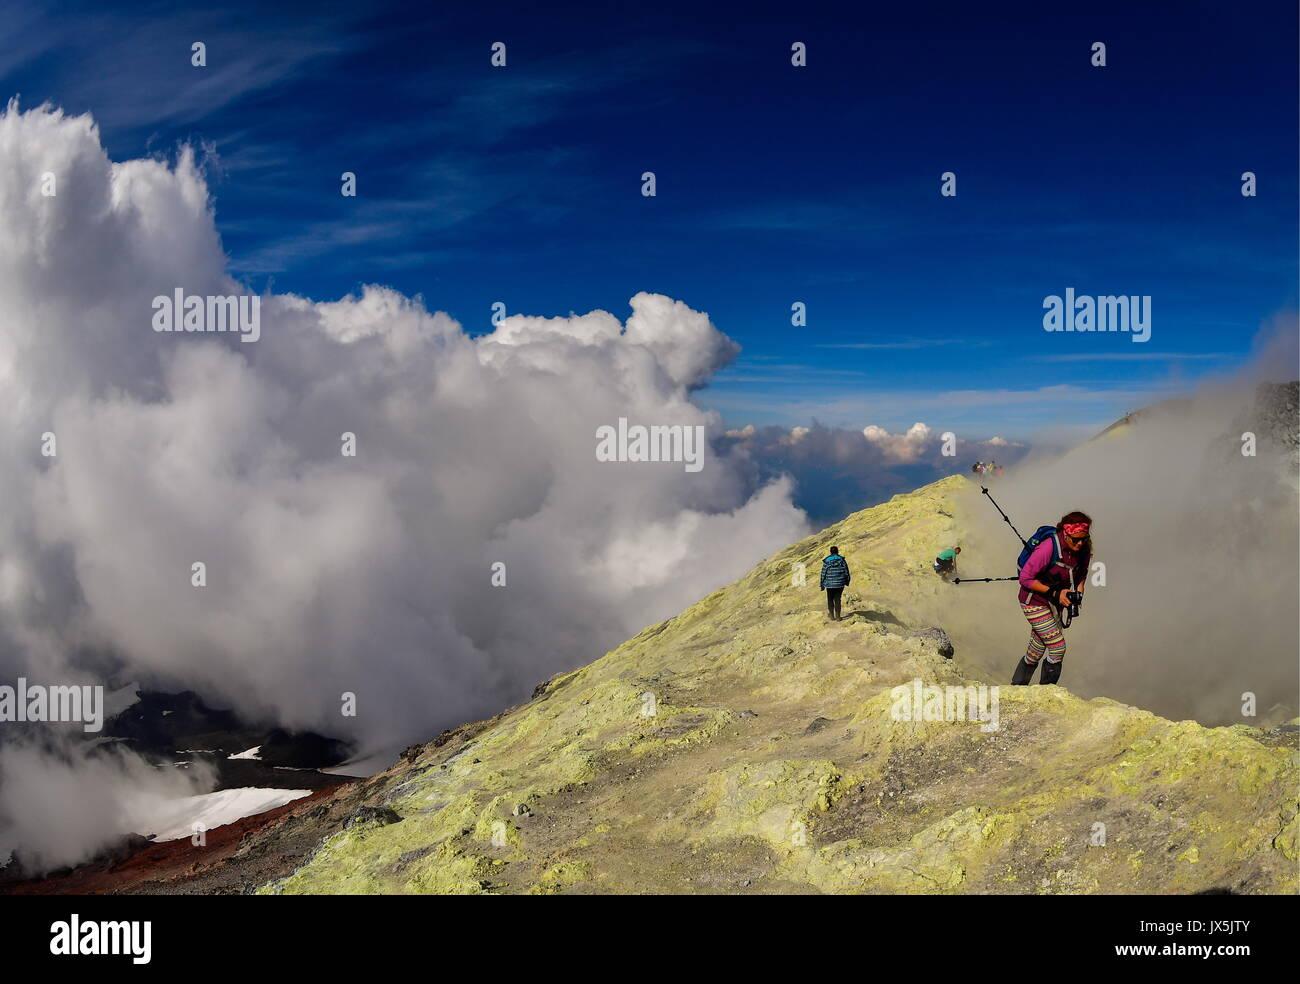 Território de Kamchatka, Rússia. Xii Ago, 2017. Os turistas na cratera de Avachinsky stratovolcano ativo. Imagens de Stock